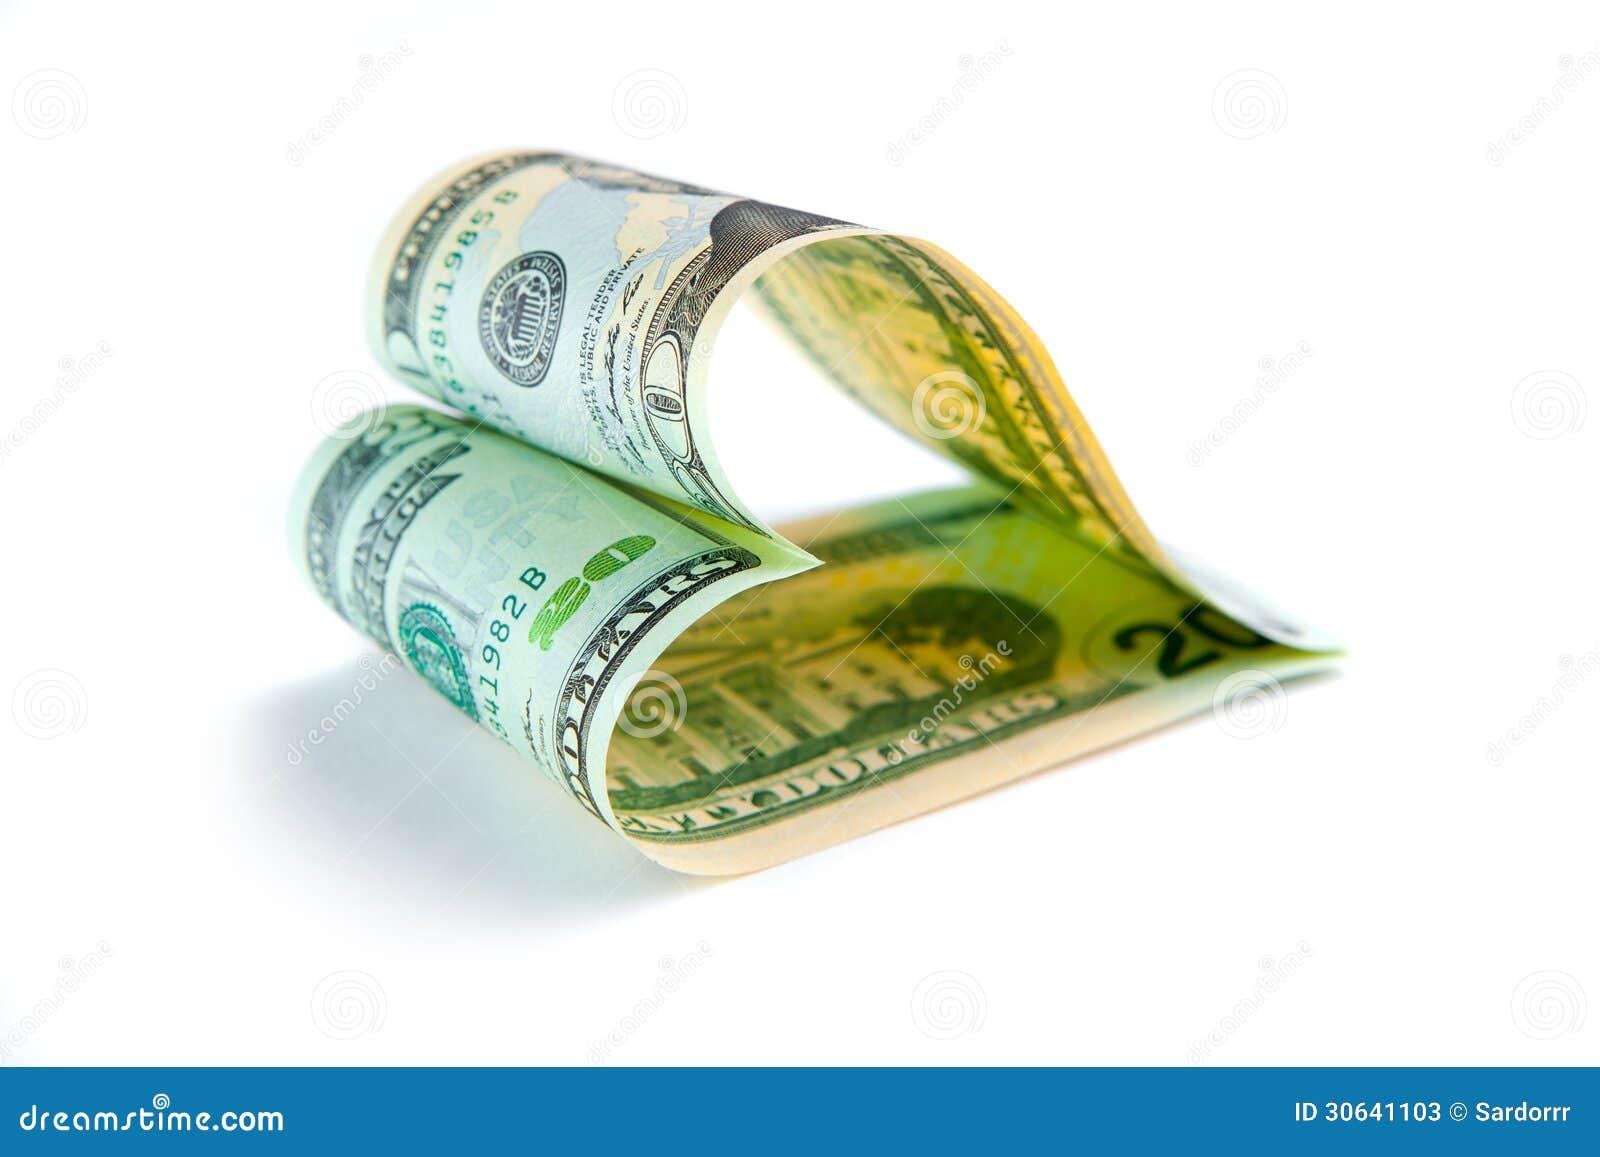 Liefde voor geld